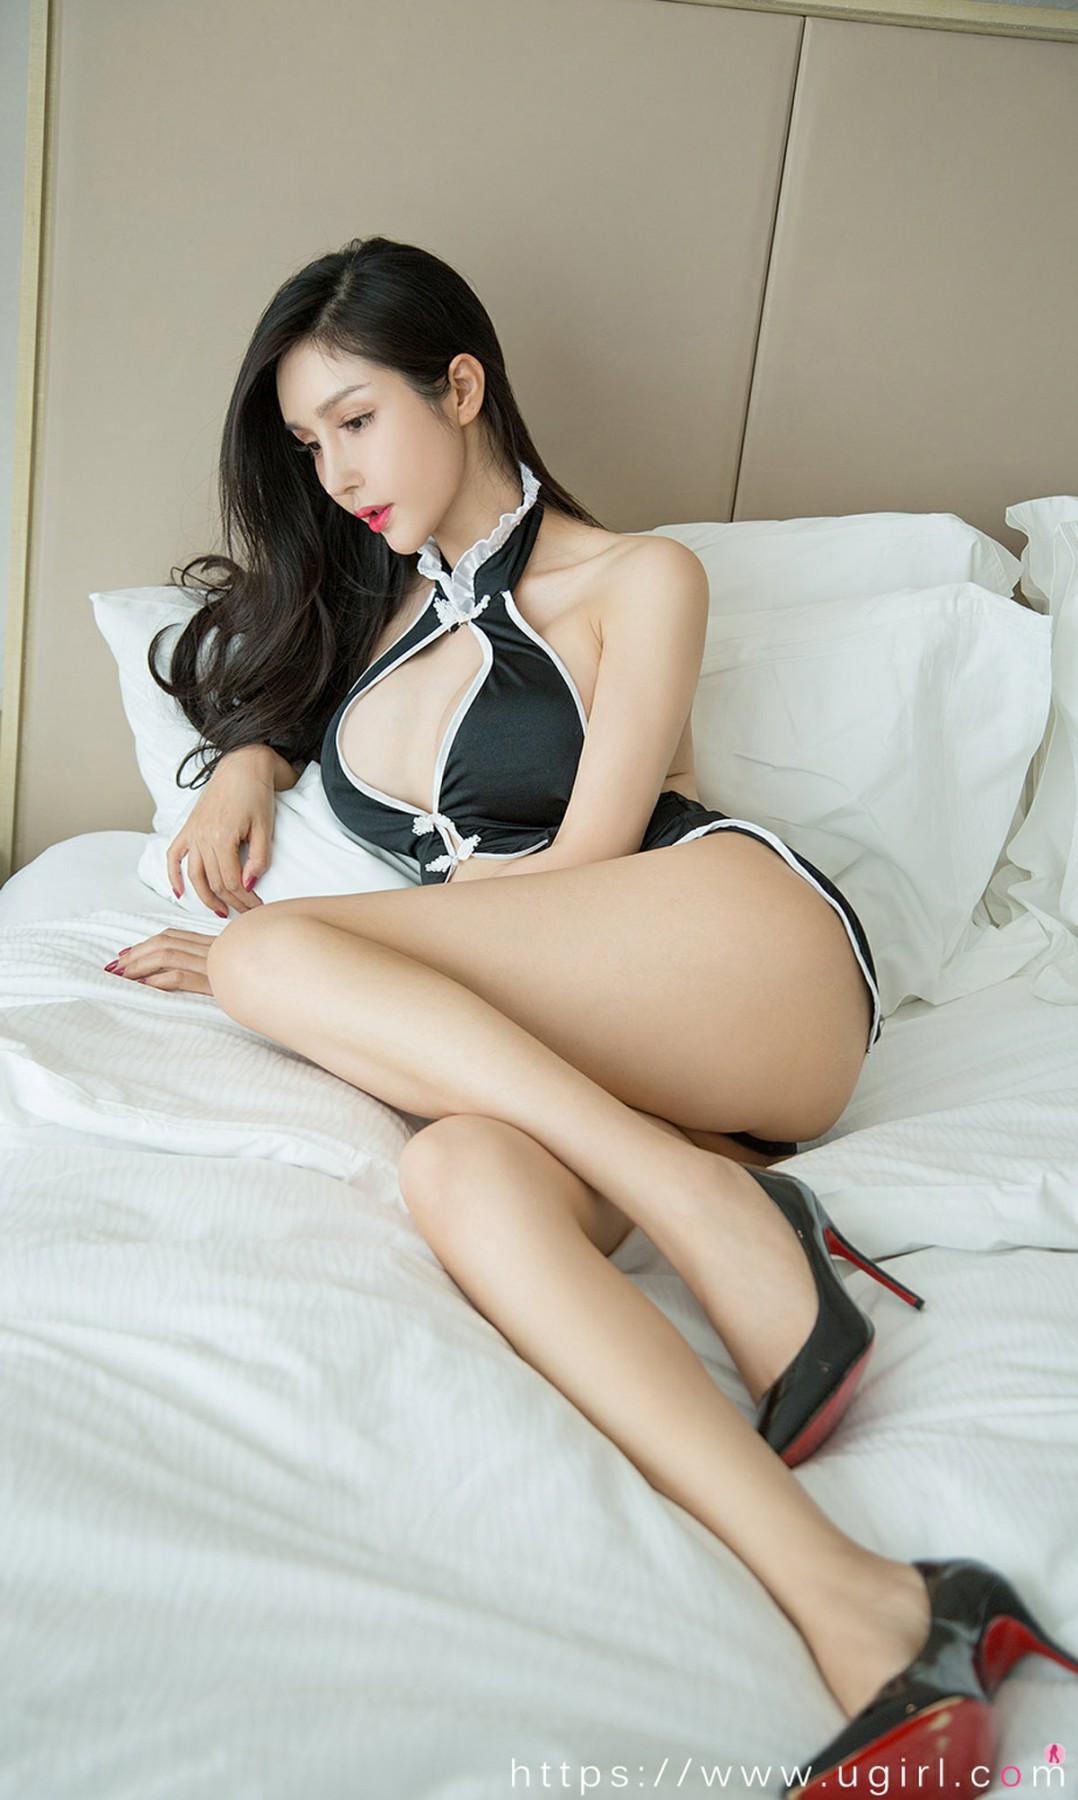 [Ugirls尤果网]爱尤物专辑 2020.09.18 No.1911 田冰冰 美爆旗袍 第2张